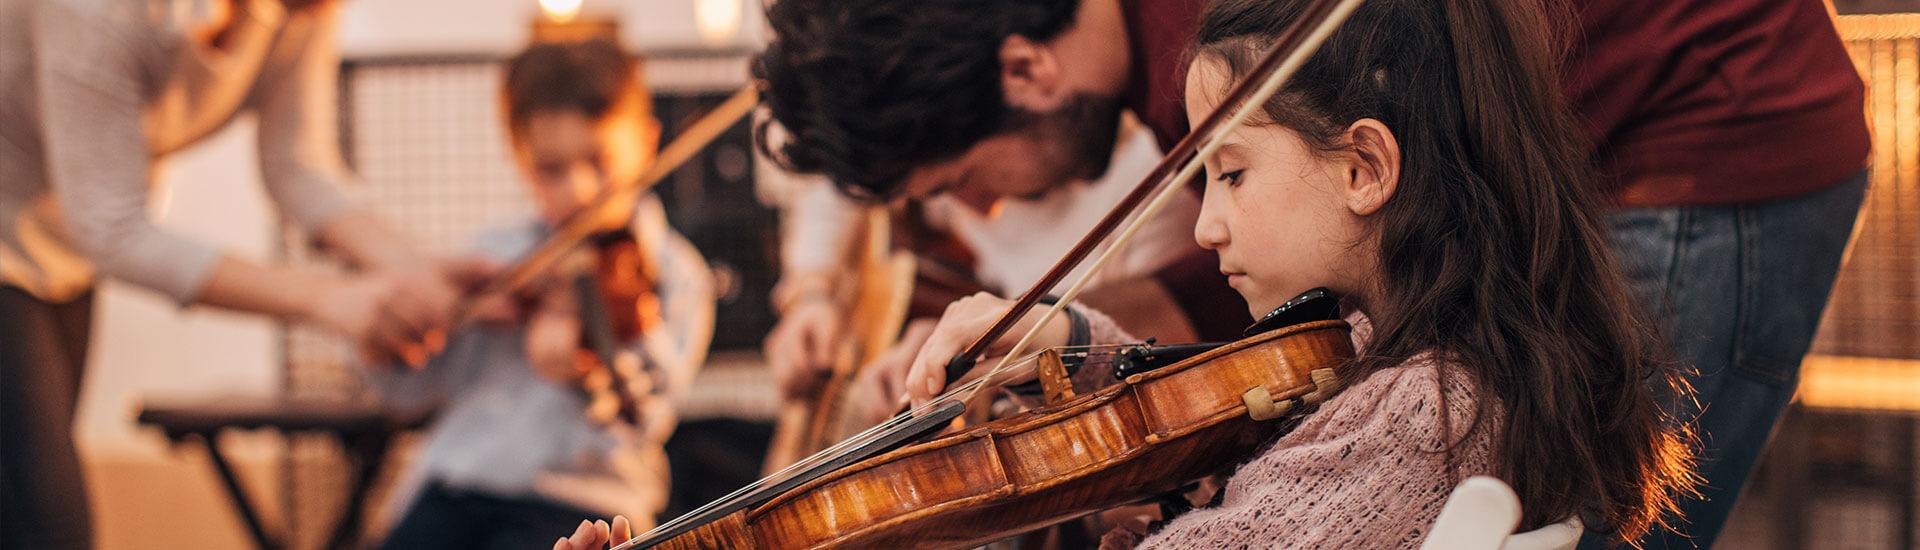 Violin Courses